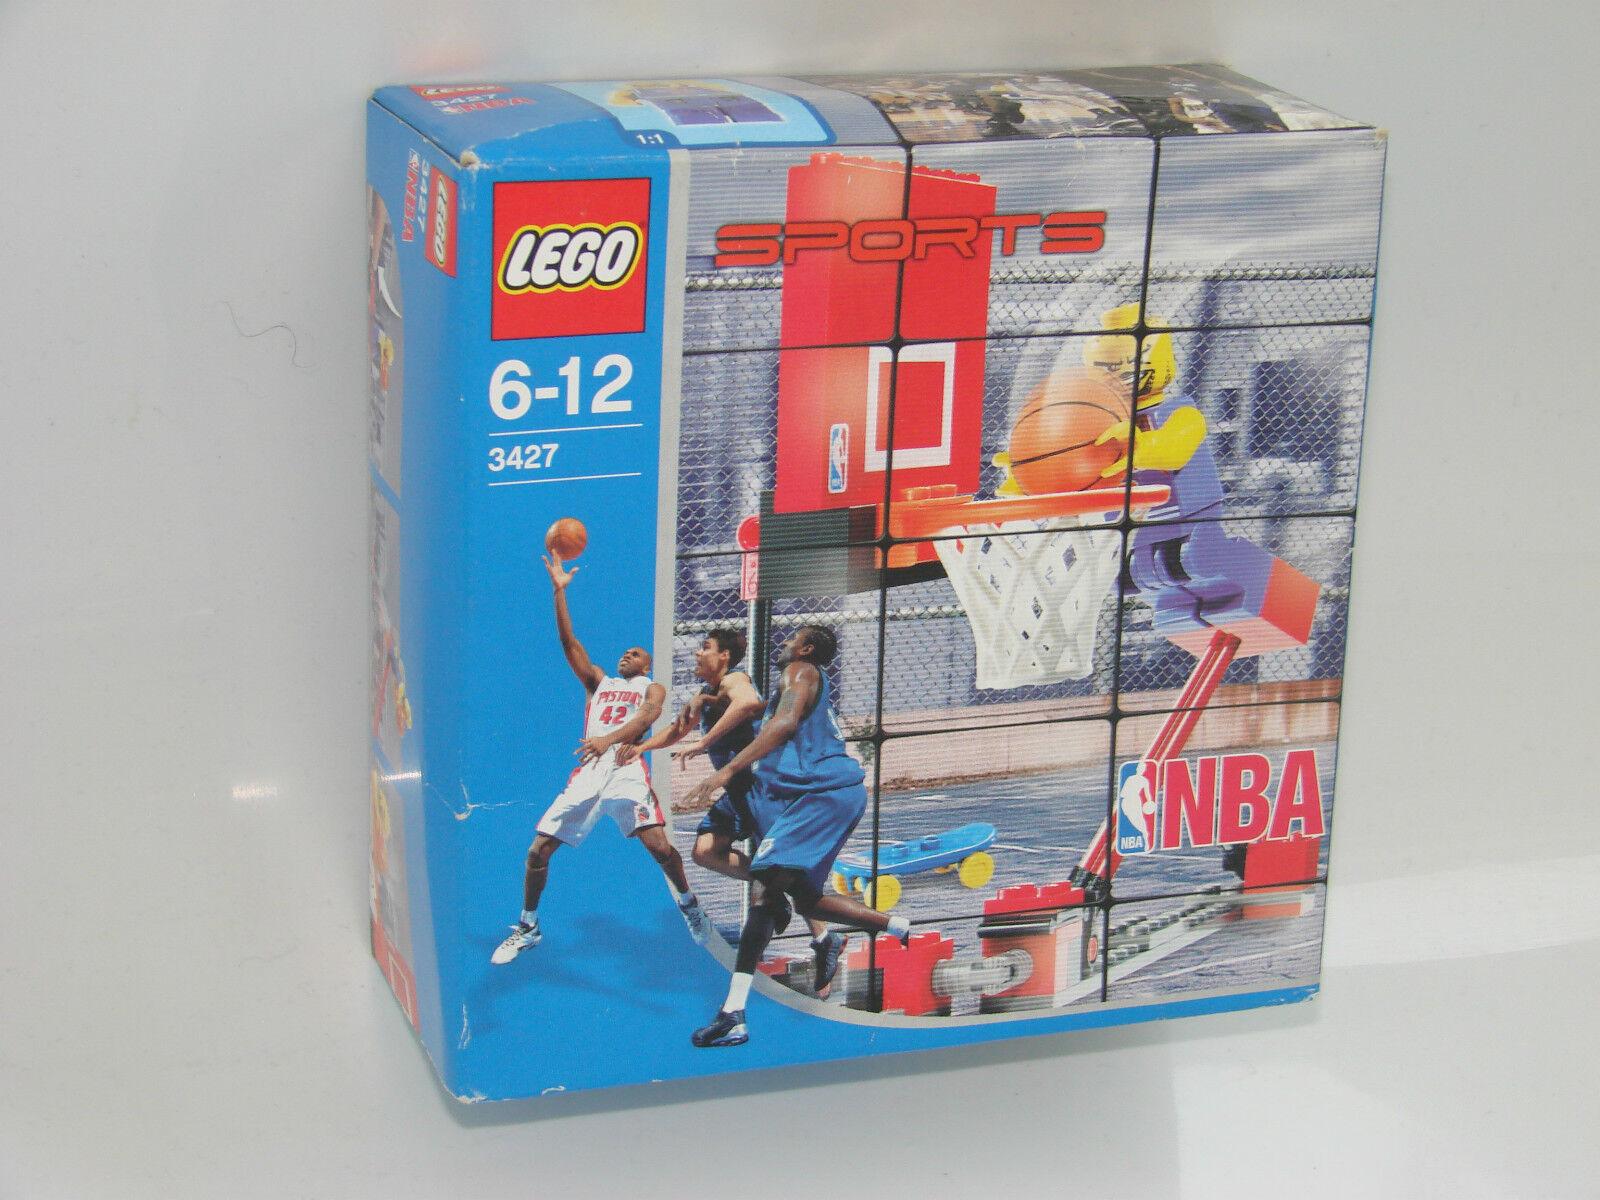 1 Stück LEGO® Sports 3427 NBA Basketball Neu OVP_NBA Slam Dunk New MISB NRFB